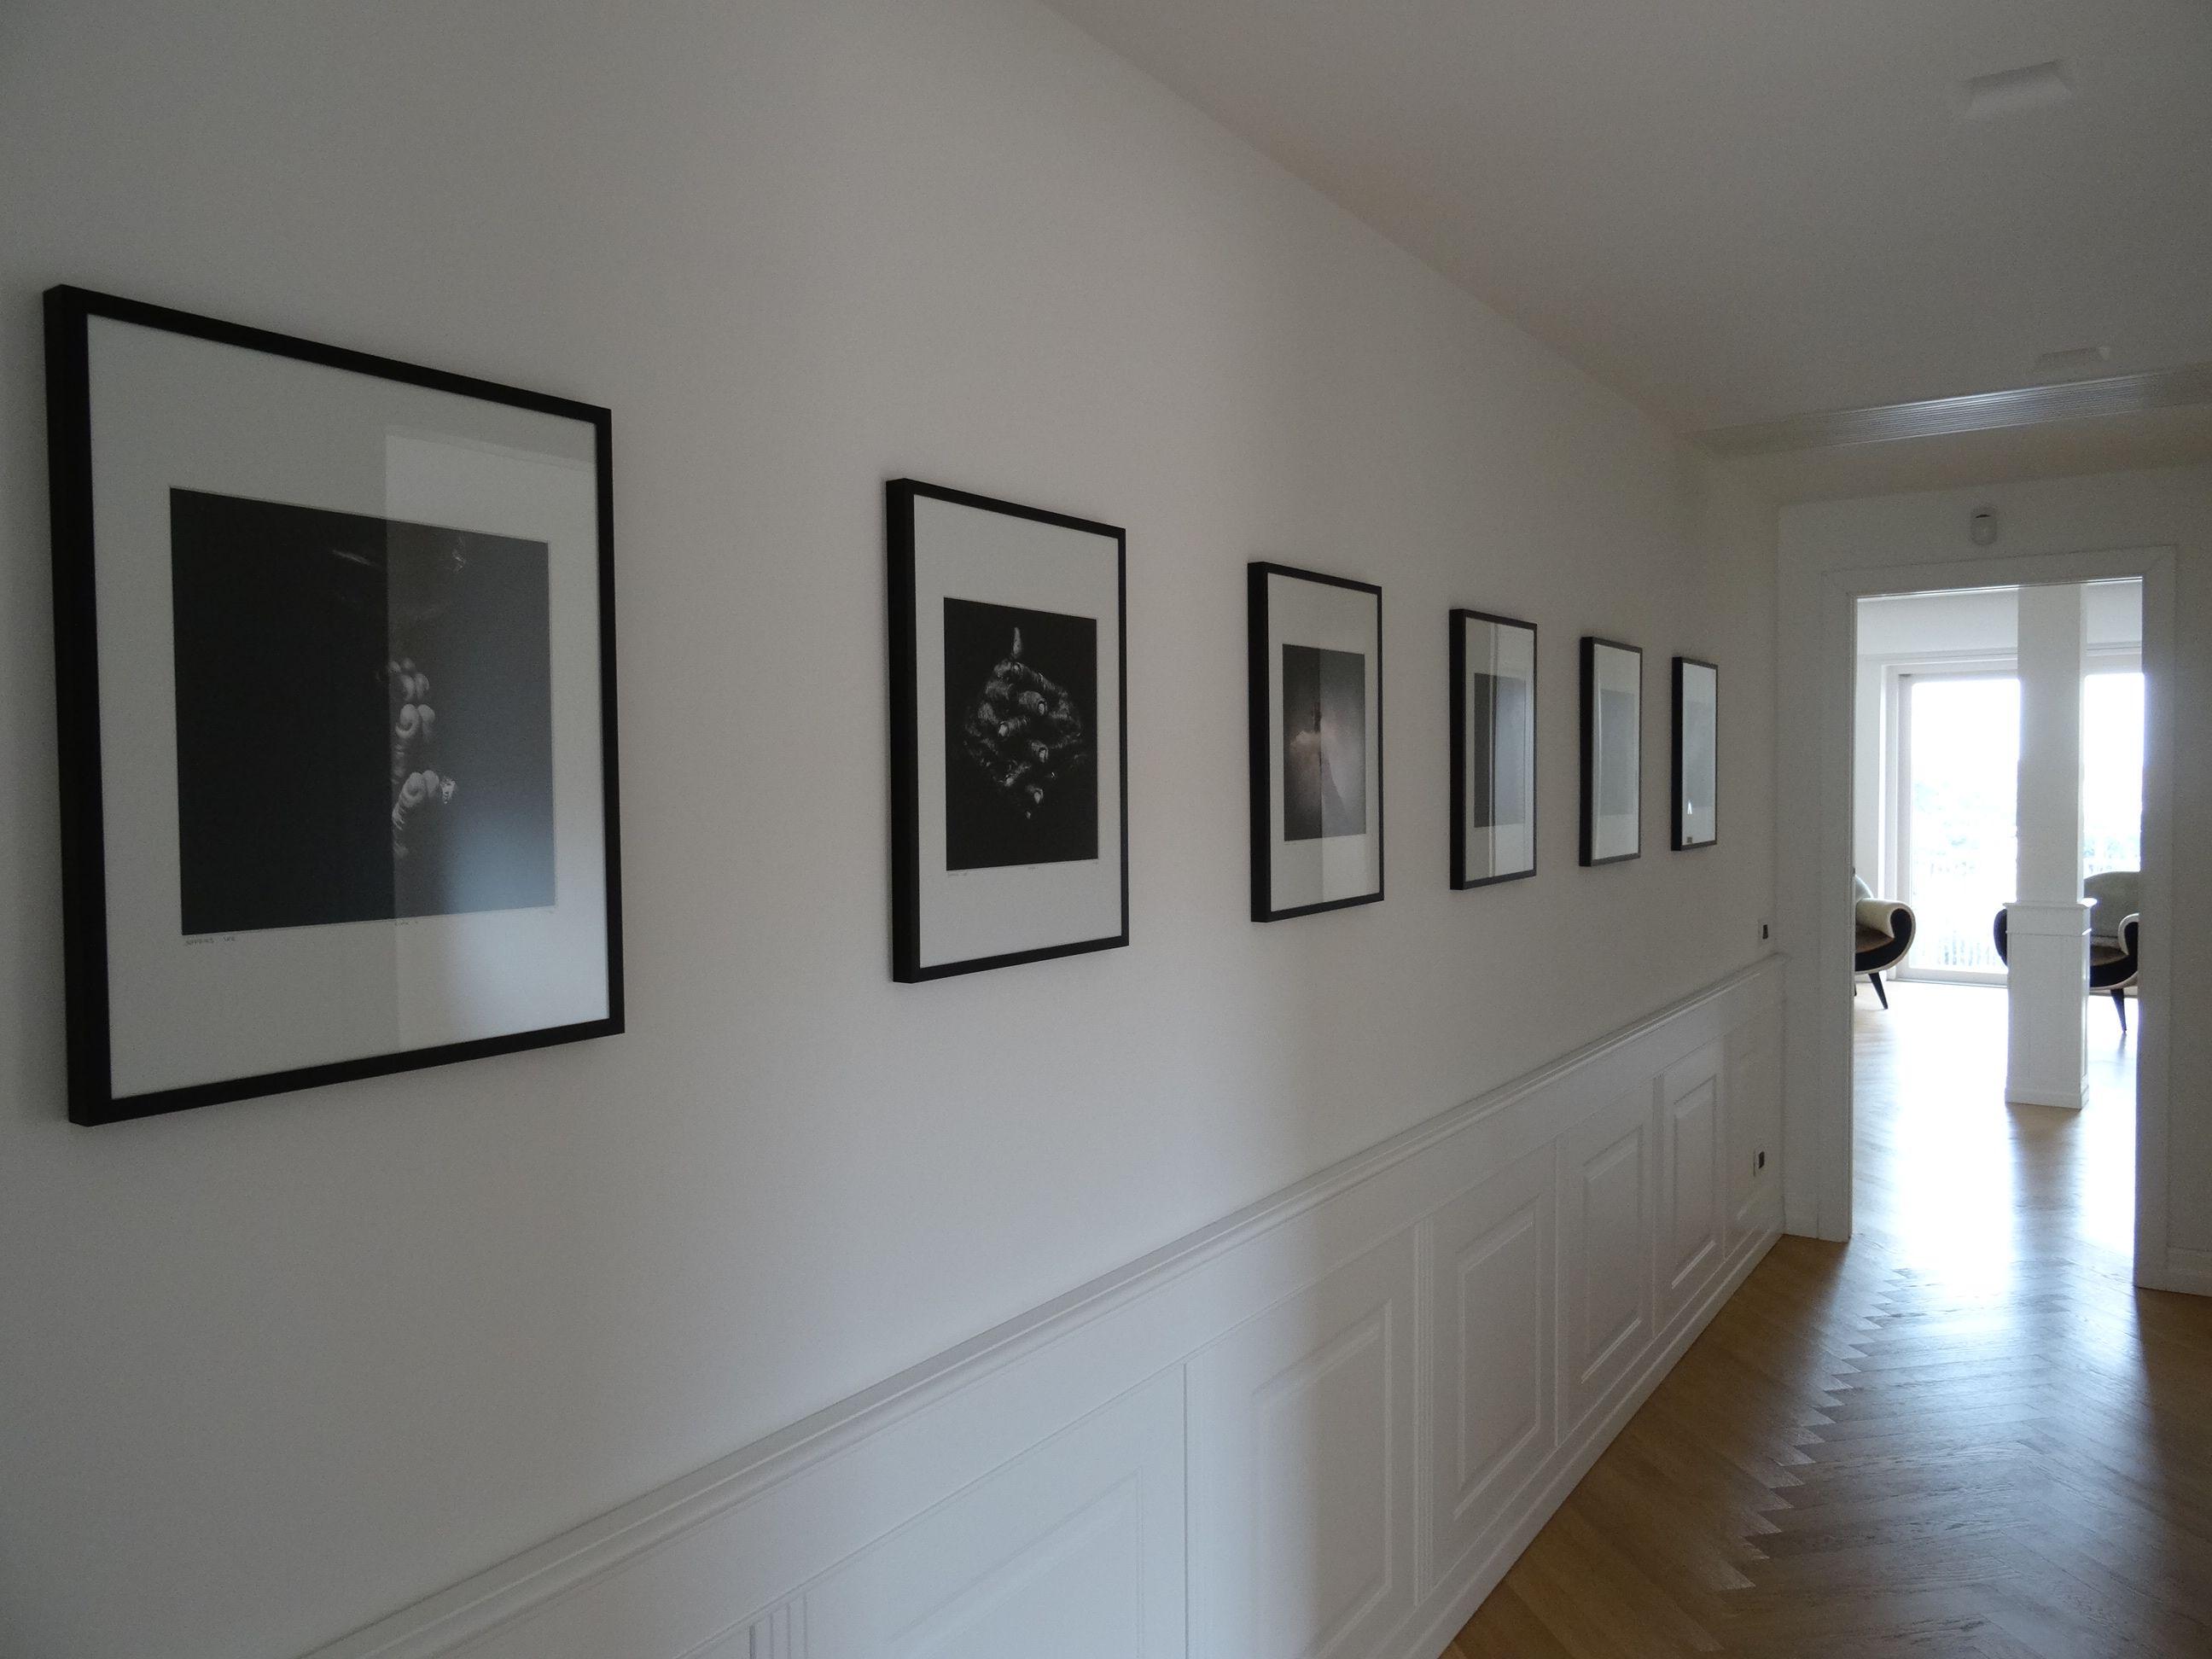 Arredare Corridoio ~ Arredare con la fotografia corridoio con foto b n archedy